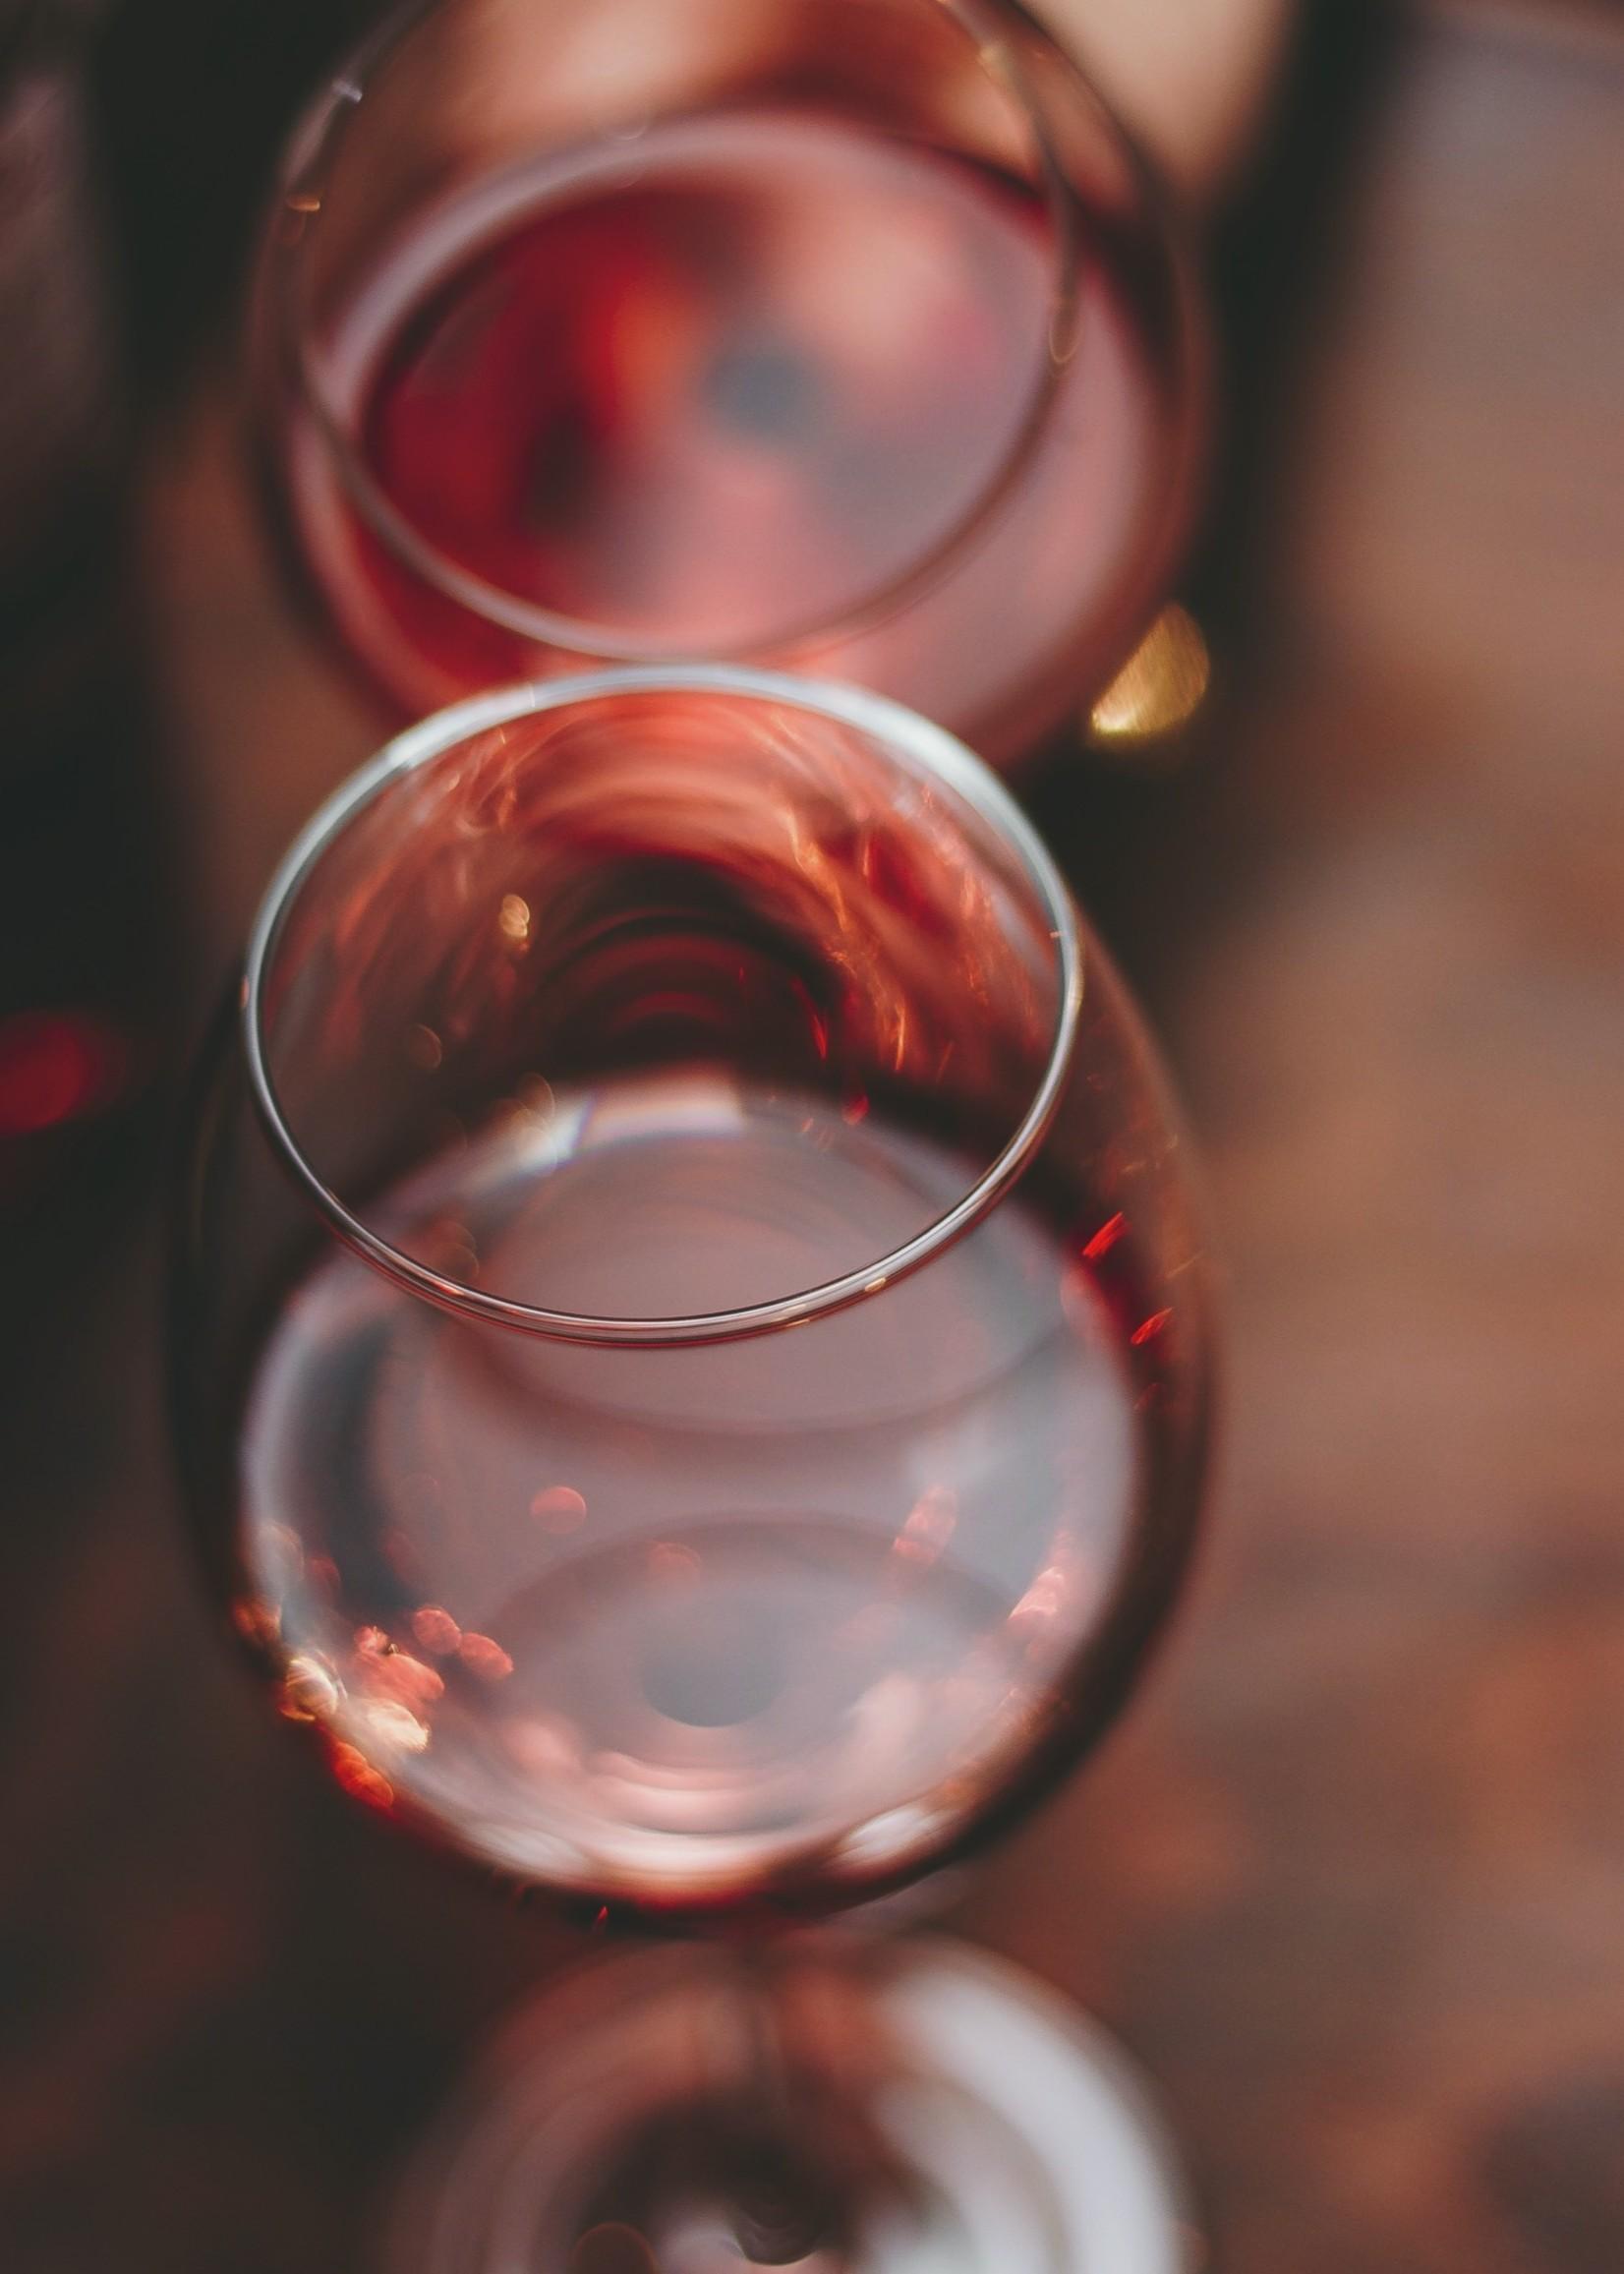 Savonneries Bruxelloises Savonneries Bruxelloises - Porto/Red Wine - Soap